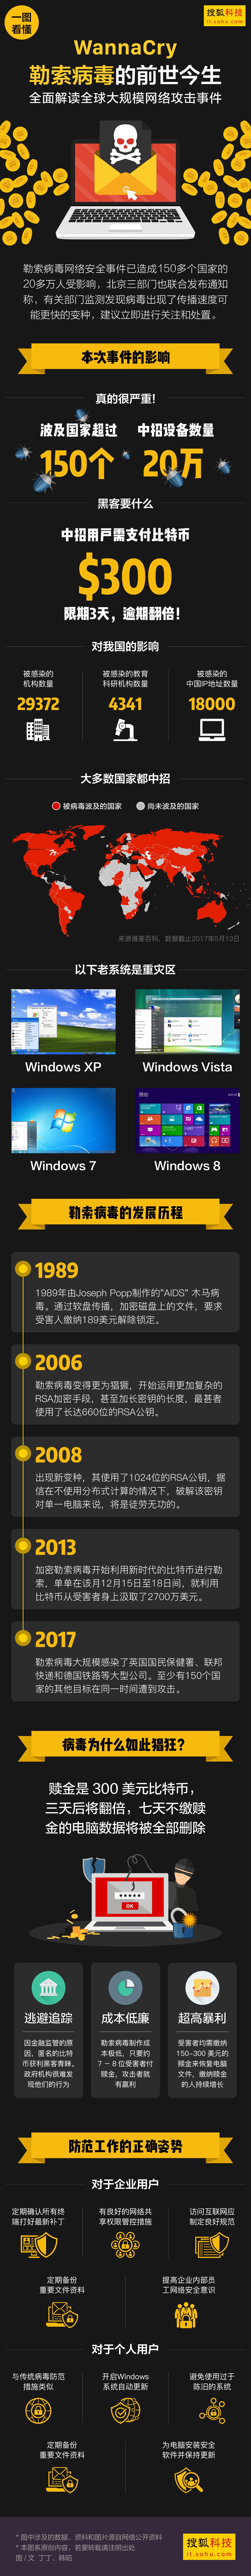 勒索病毒WannaCry前生今世 图说大规模网络攻击案的照片 - 2